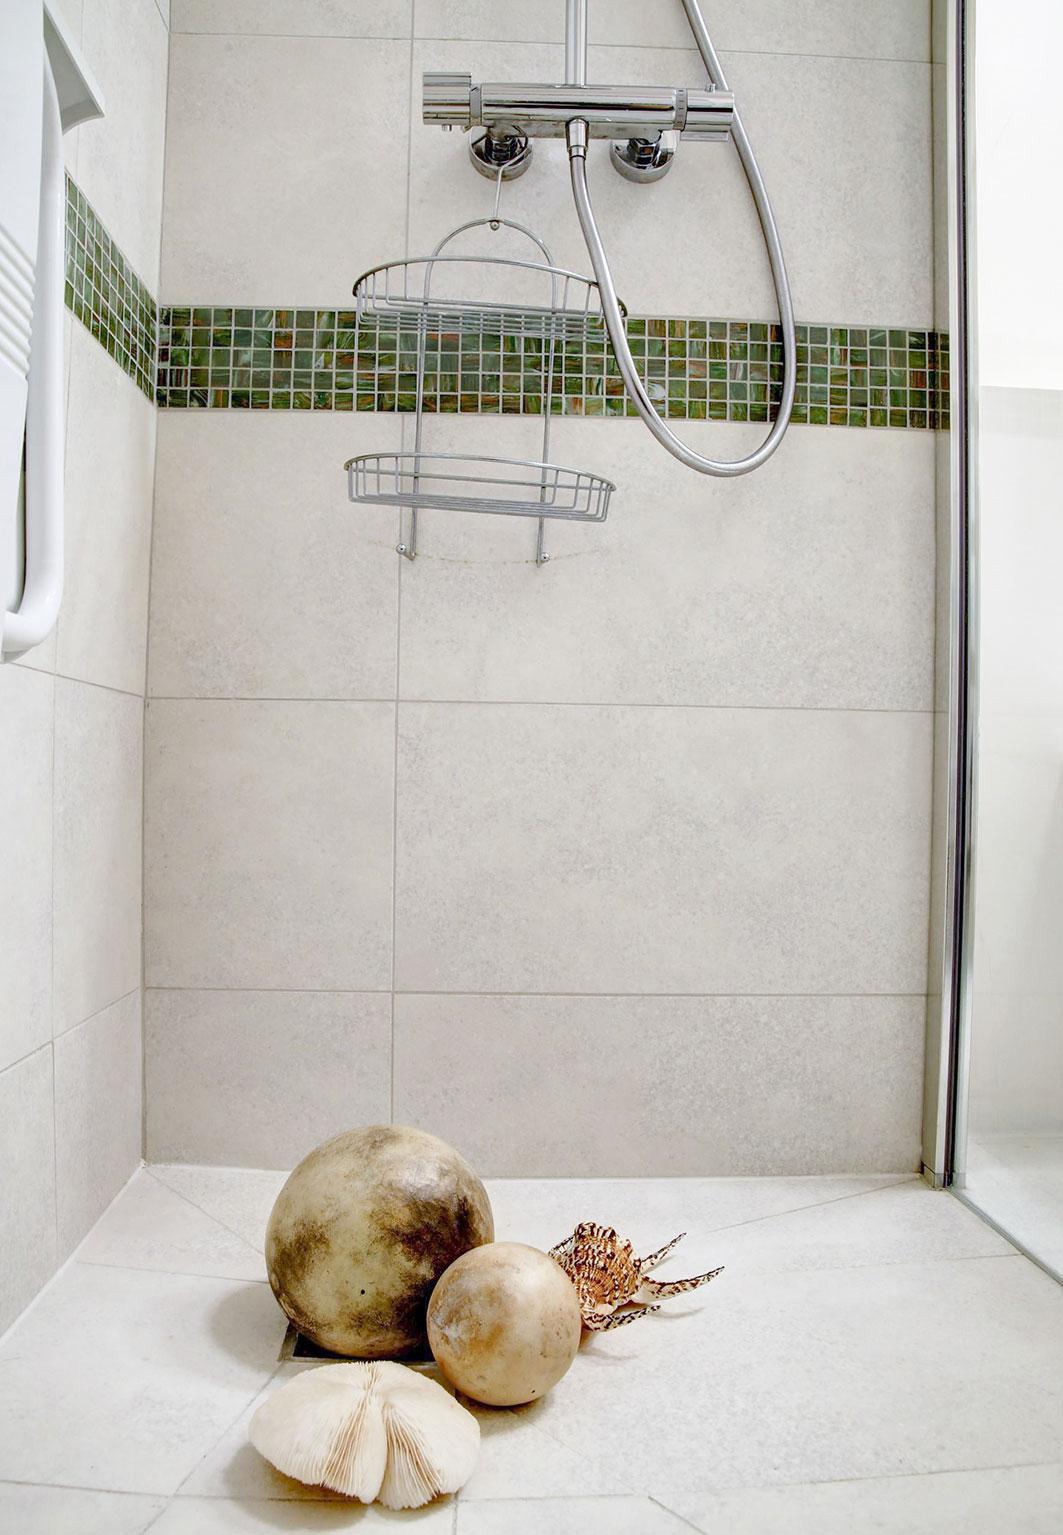 Nouvelle Salle De Bain 2018 ca2 design interieur | nouvelle vie pour une salle de bain